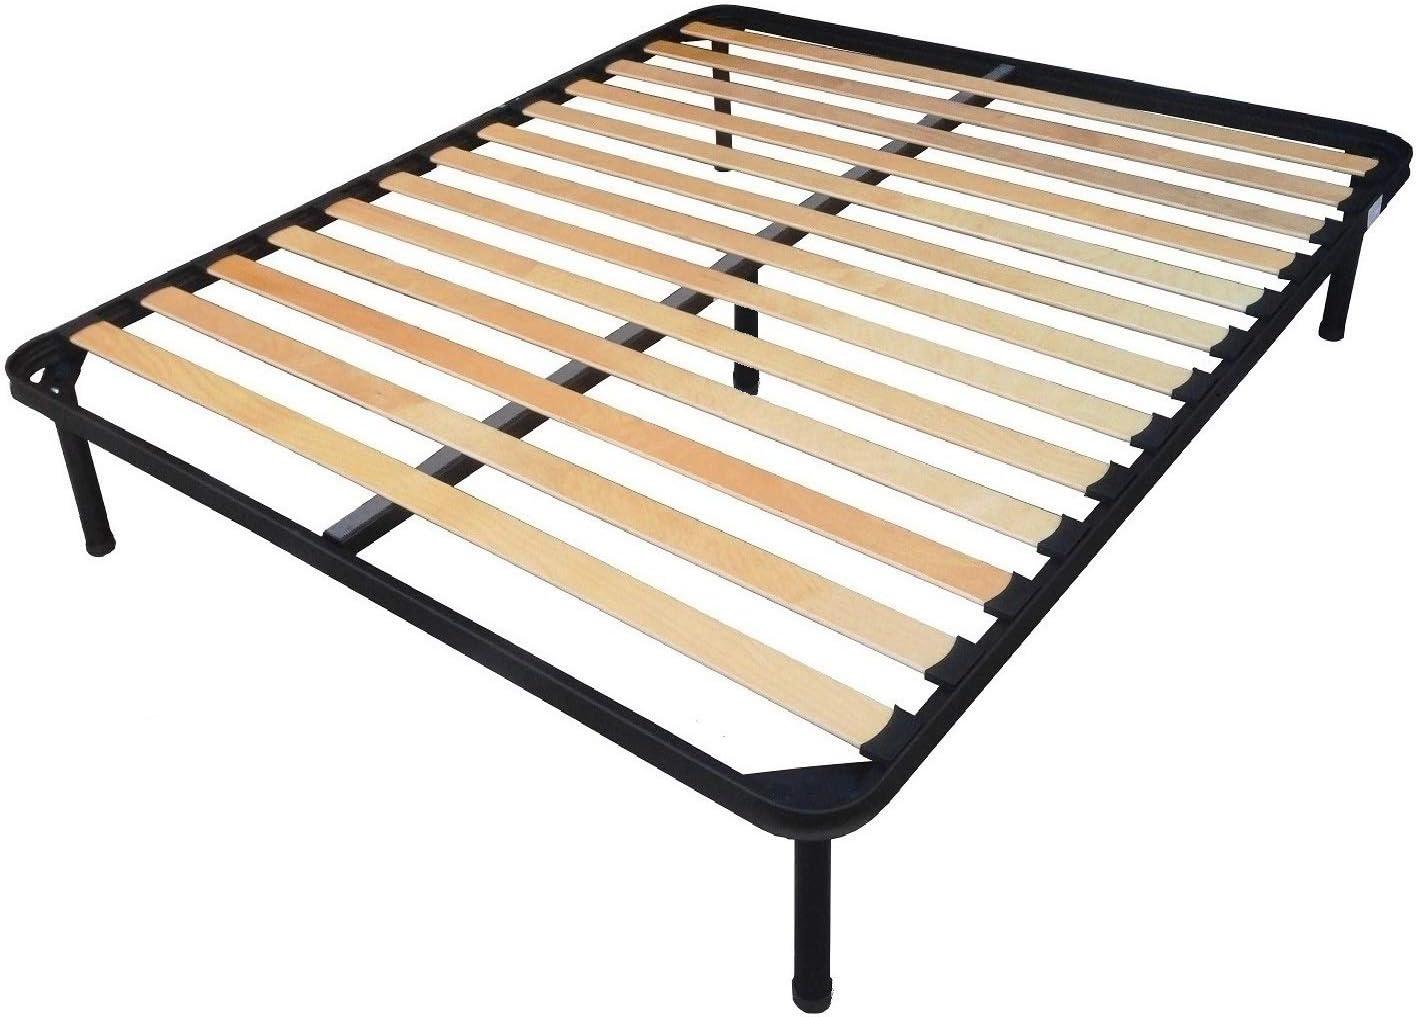 Somier de láminas con pata central para cama de matrimonio de 2 plazas, 160 x 190 cm, armazón totalmente de hierro